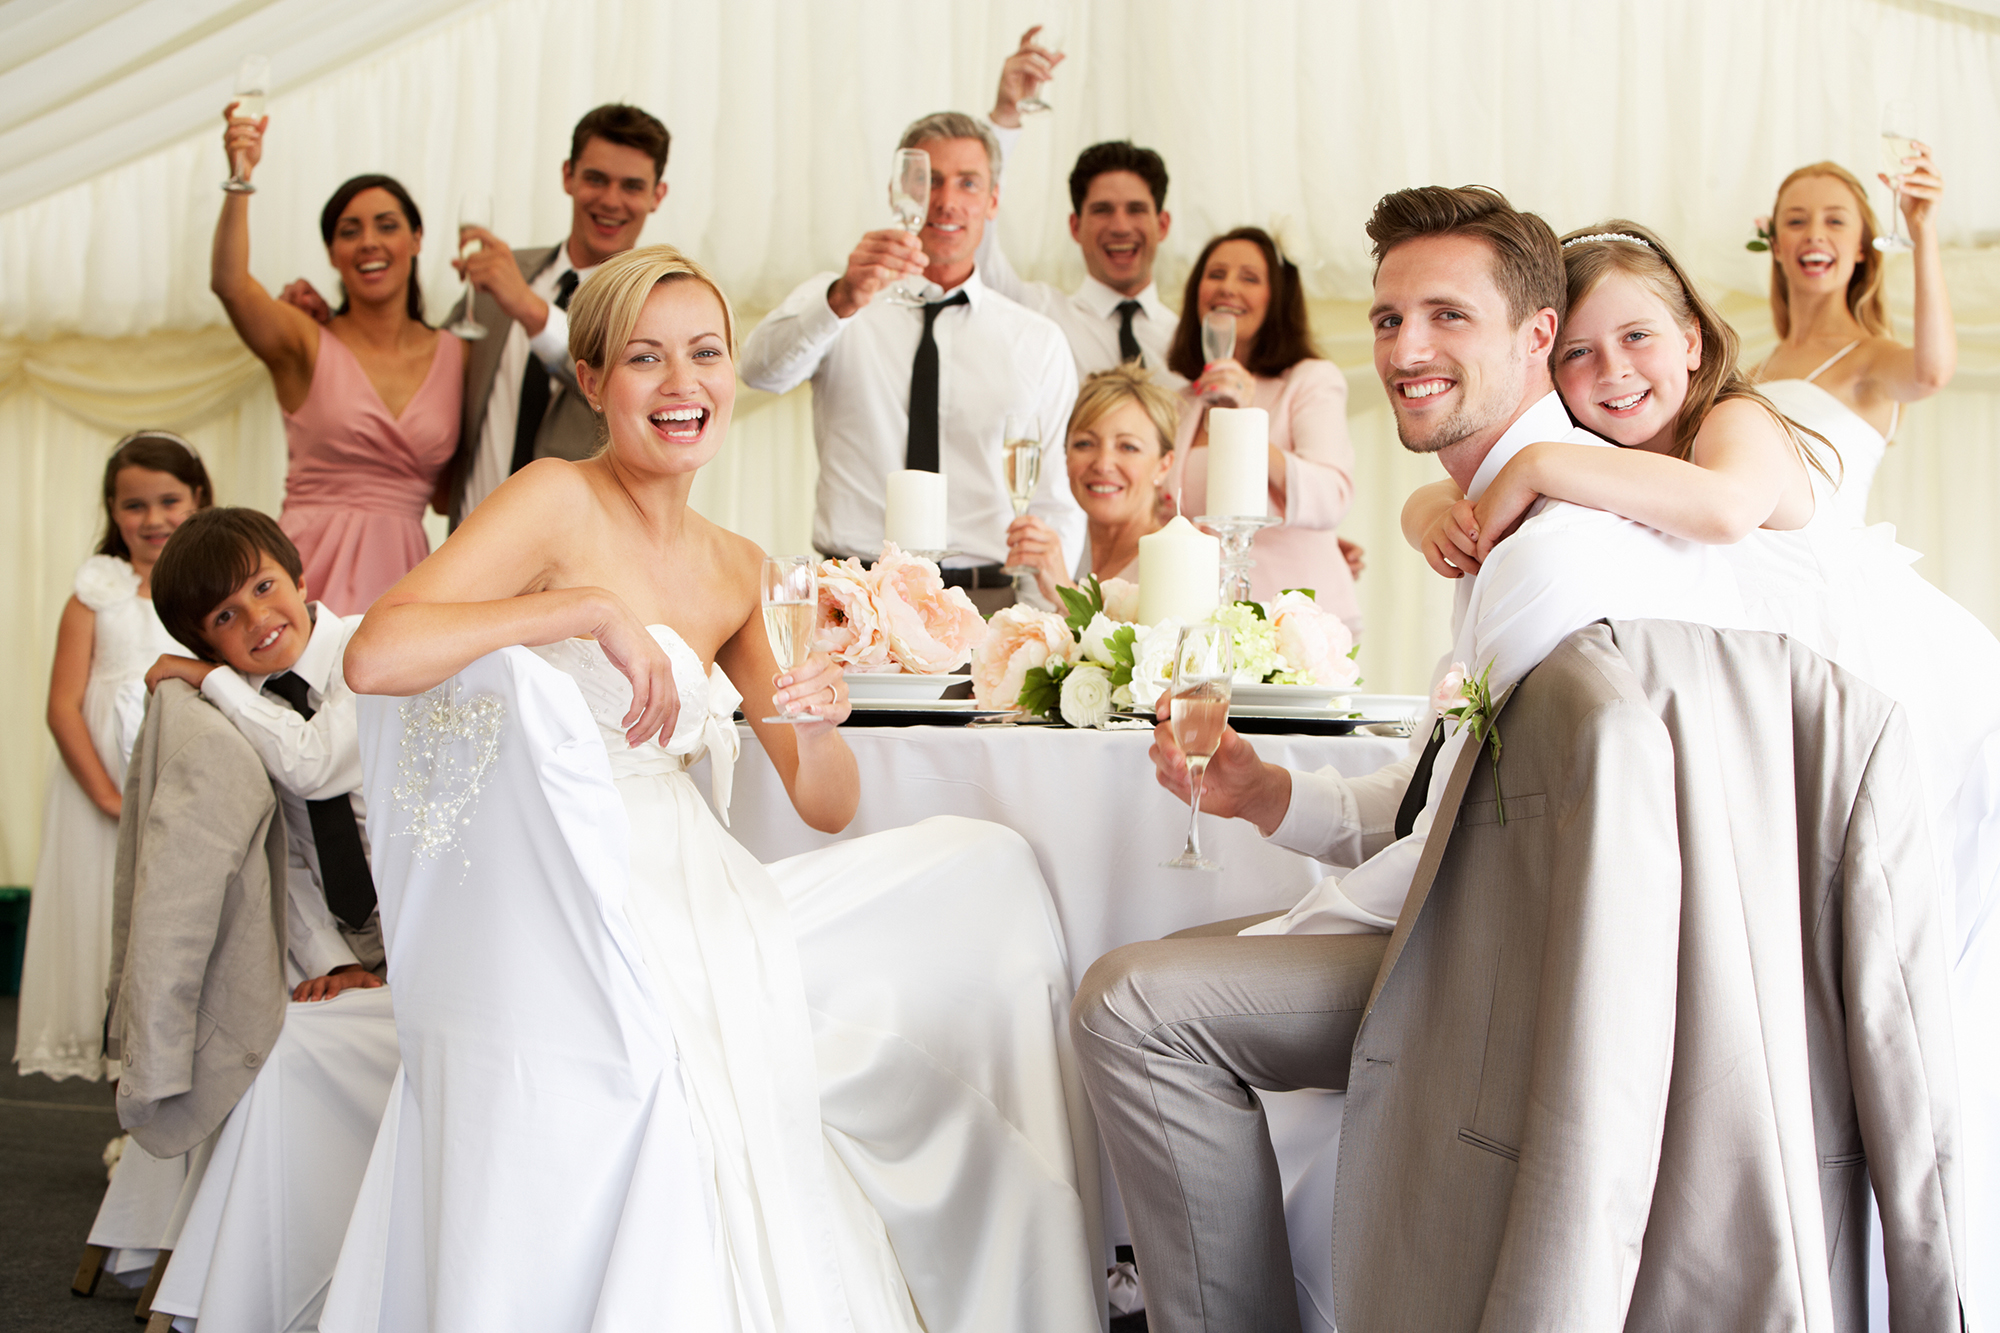 Hochzeit Mit Kindern So Beziehen Sie Ihre Kinder Mit Ein